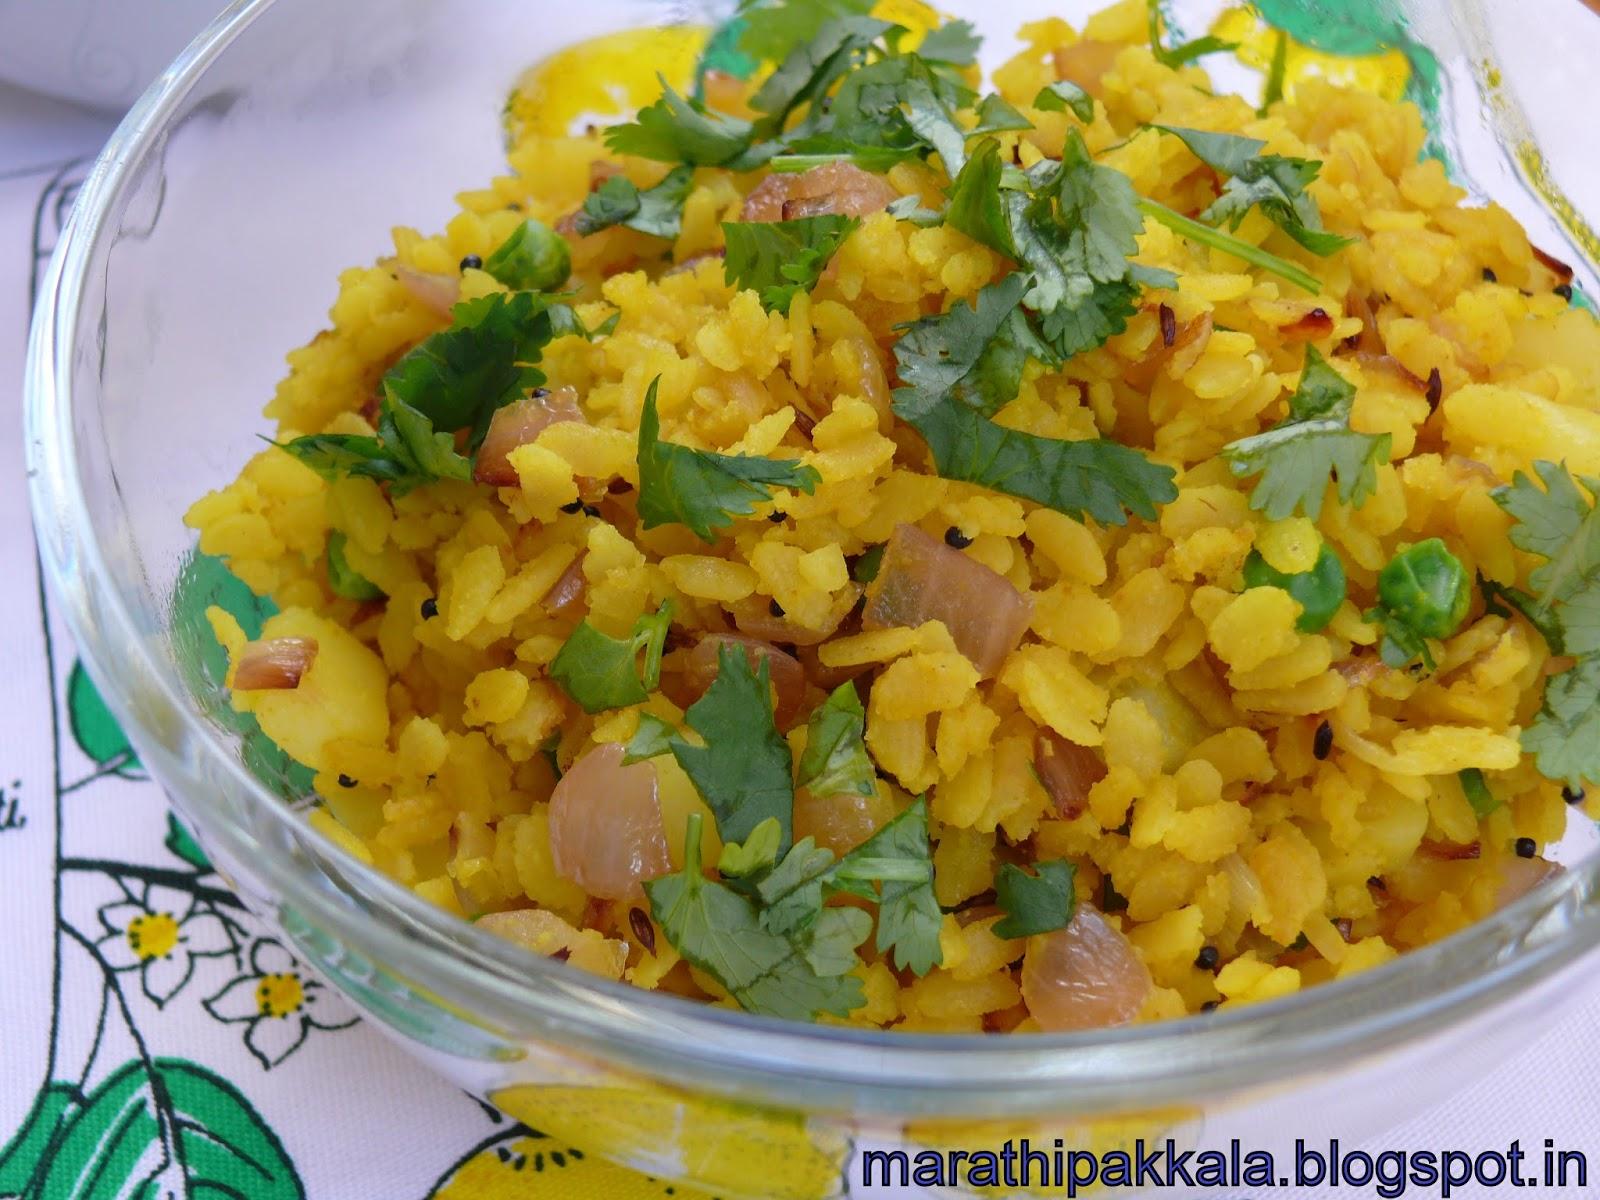 Marathi Pakkala Marathi Language download